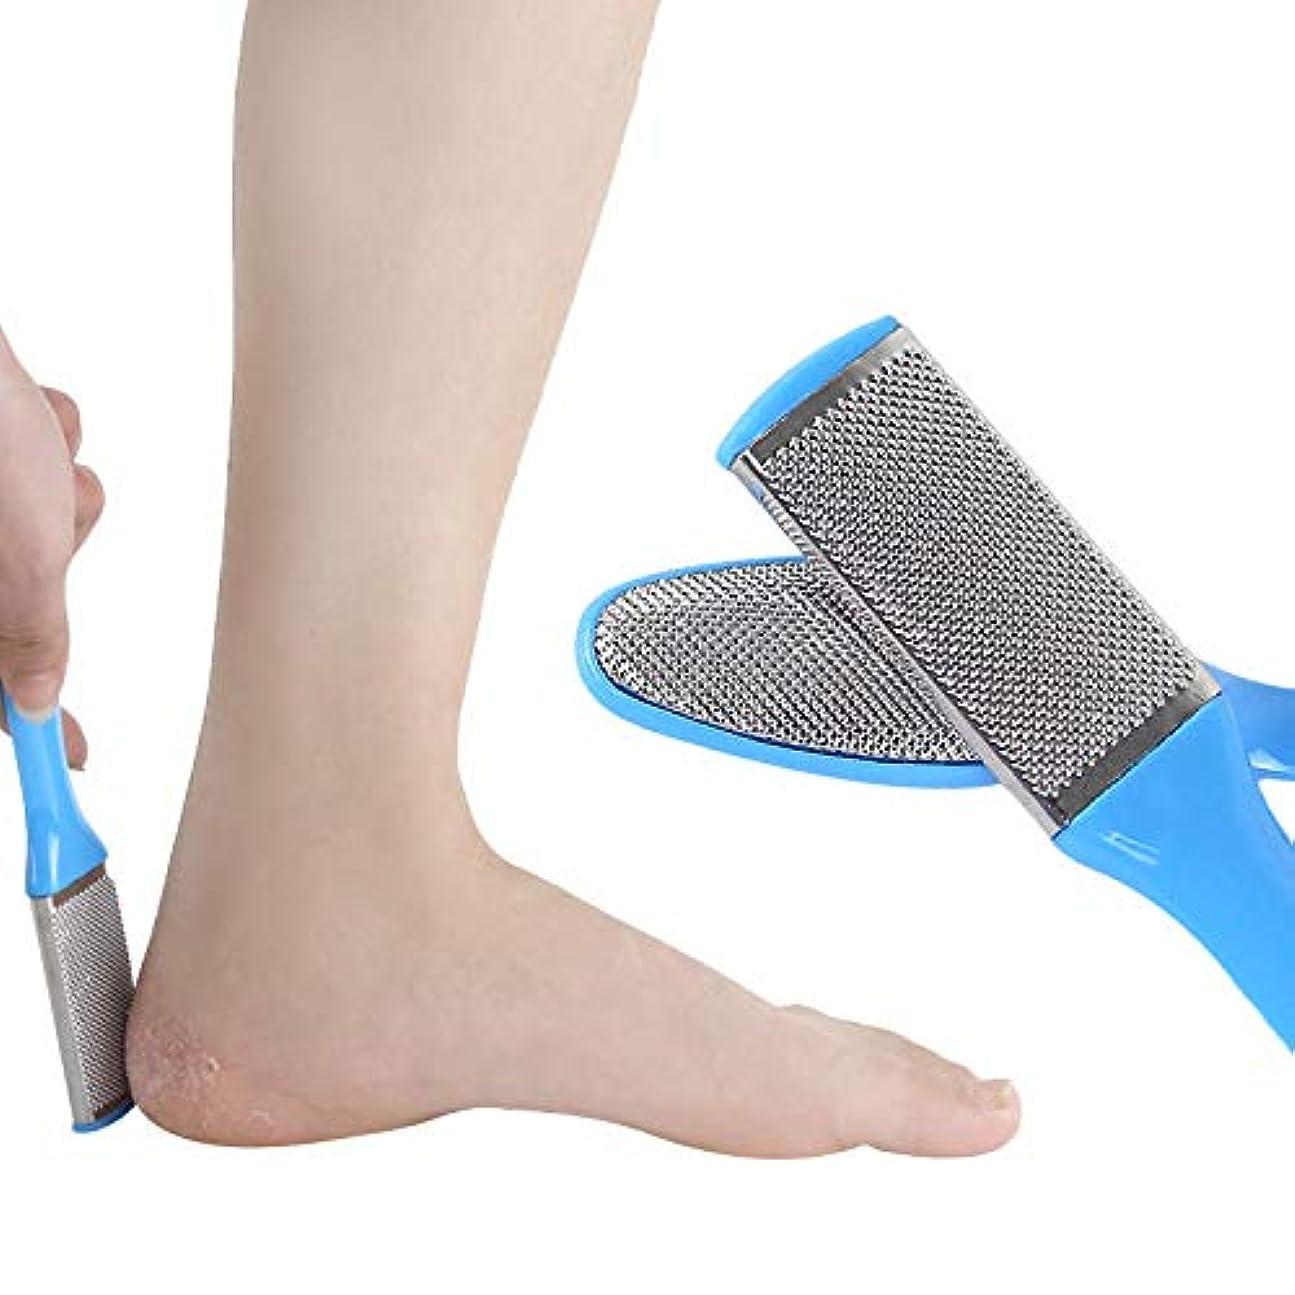 アマチュアモーター損なうyuio 男性用女性用ペディキュアセット8個フットファイルフットラスプ乾いた足と濡れた足に最適なカルスリムーバー、角質除去、ハードスキン、外科用グレードのステンレスファイル